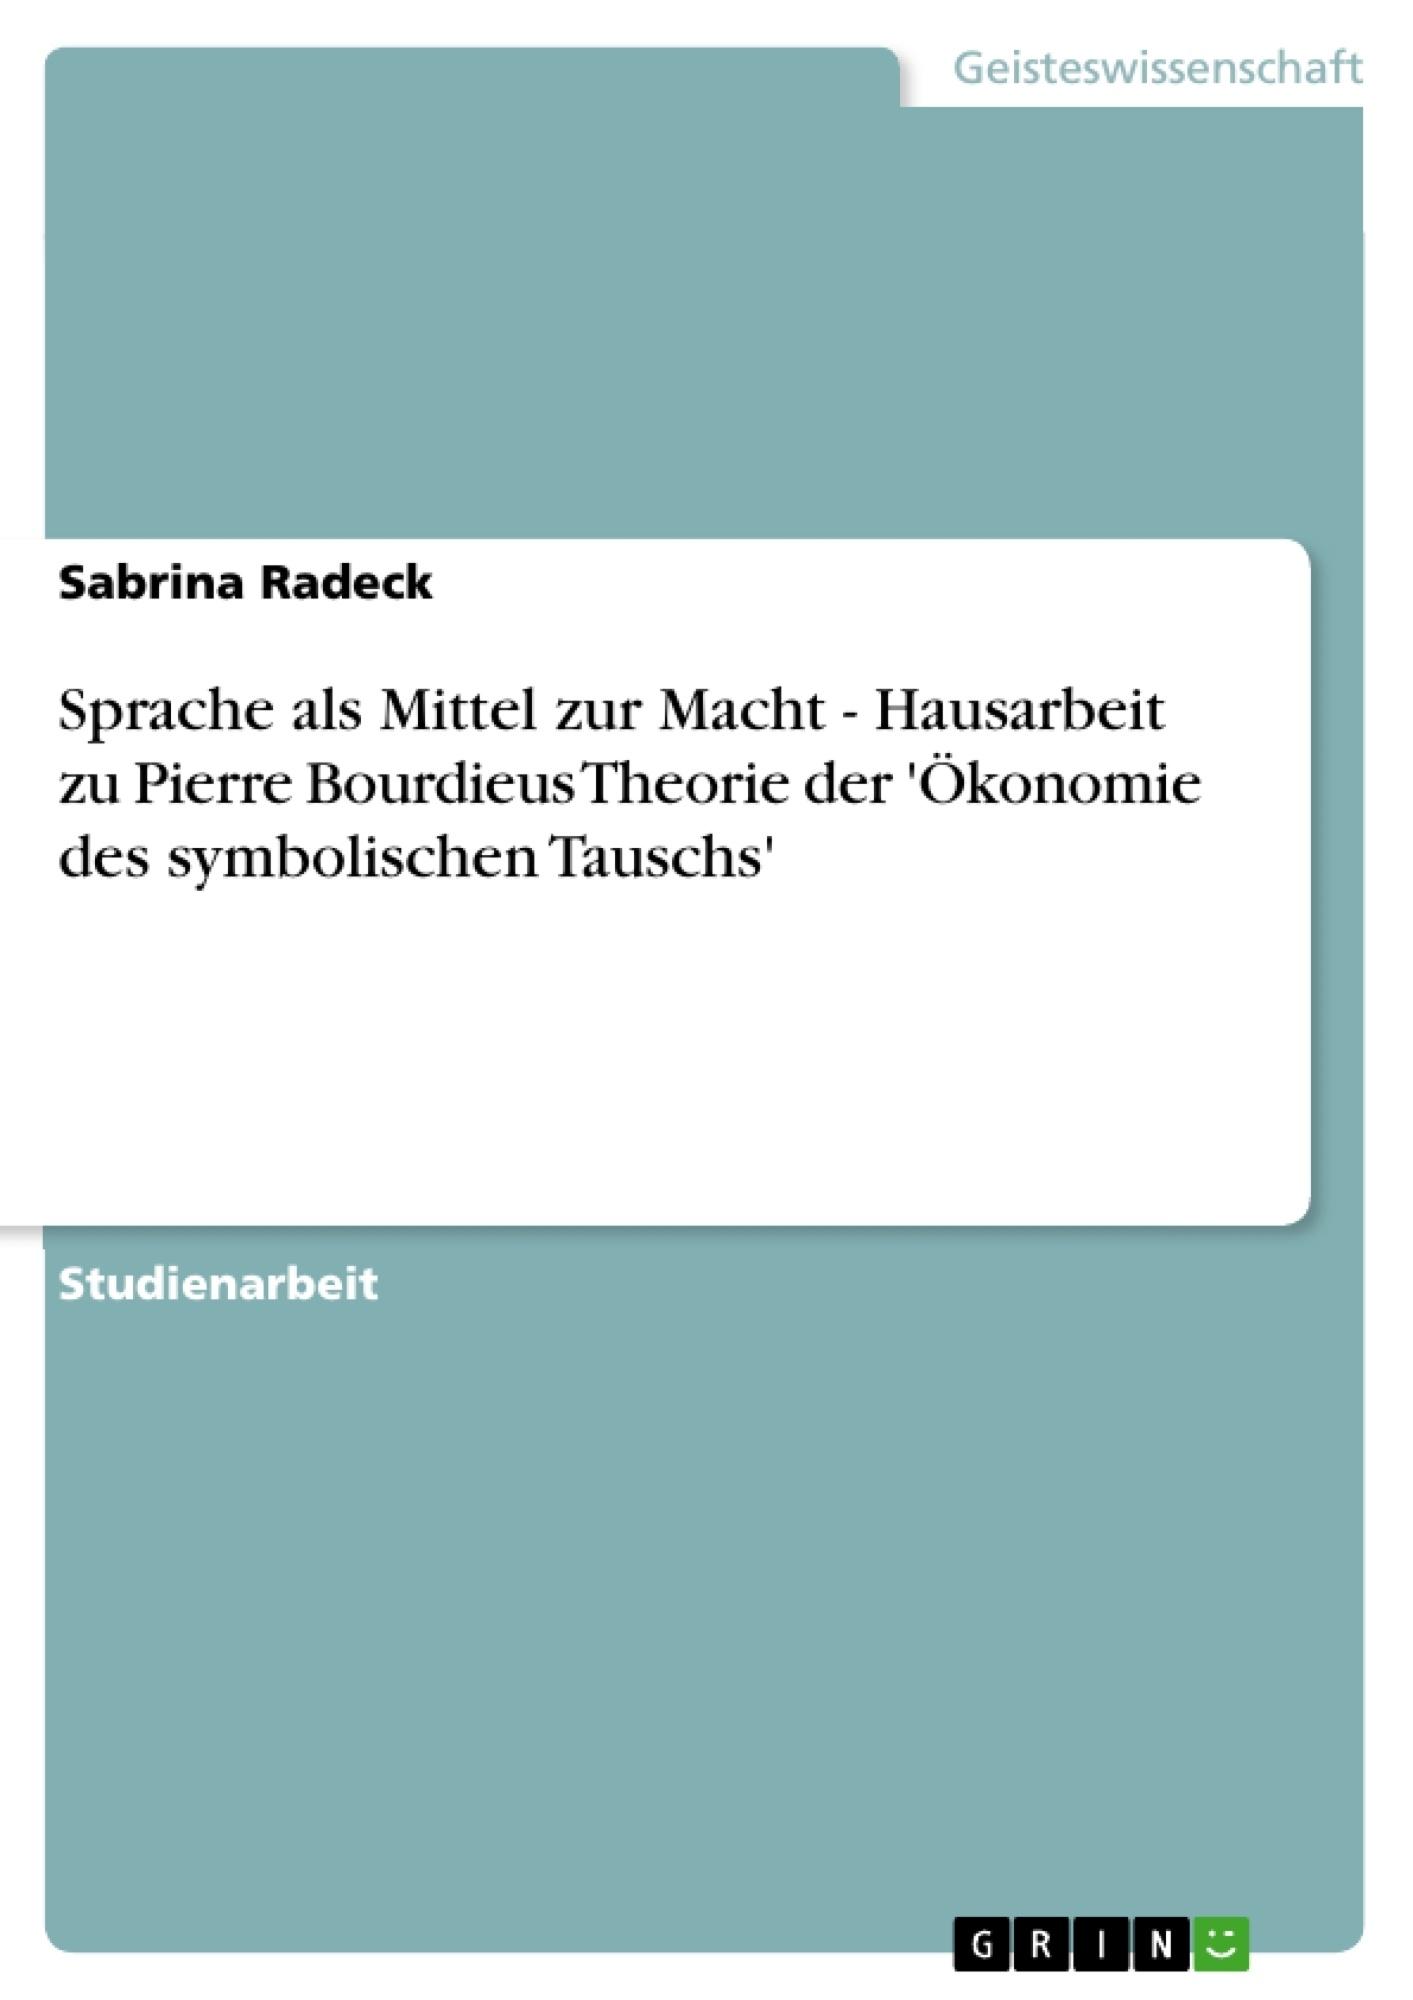 Titel: Sprache als Mittel zur Macht - Hausarbeit zu Pierre Bourdieus Theorie der 'Ökonomie des symbolischen Tauschs'